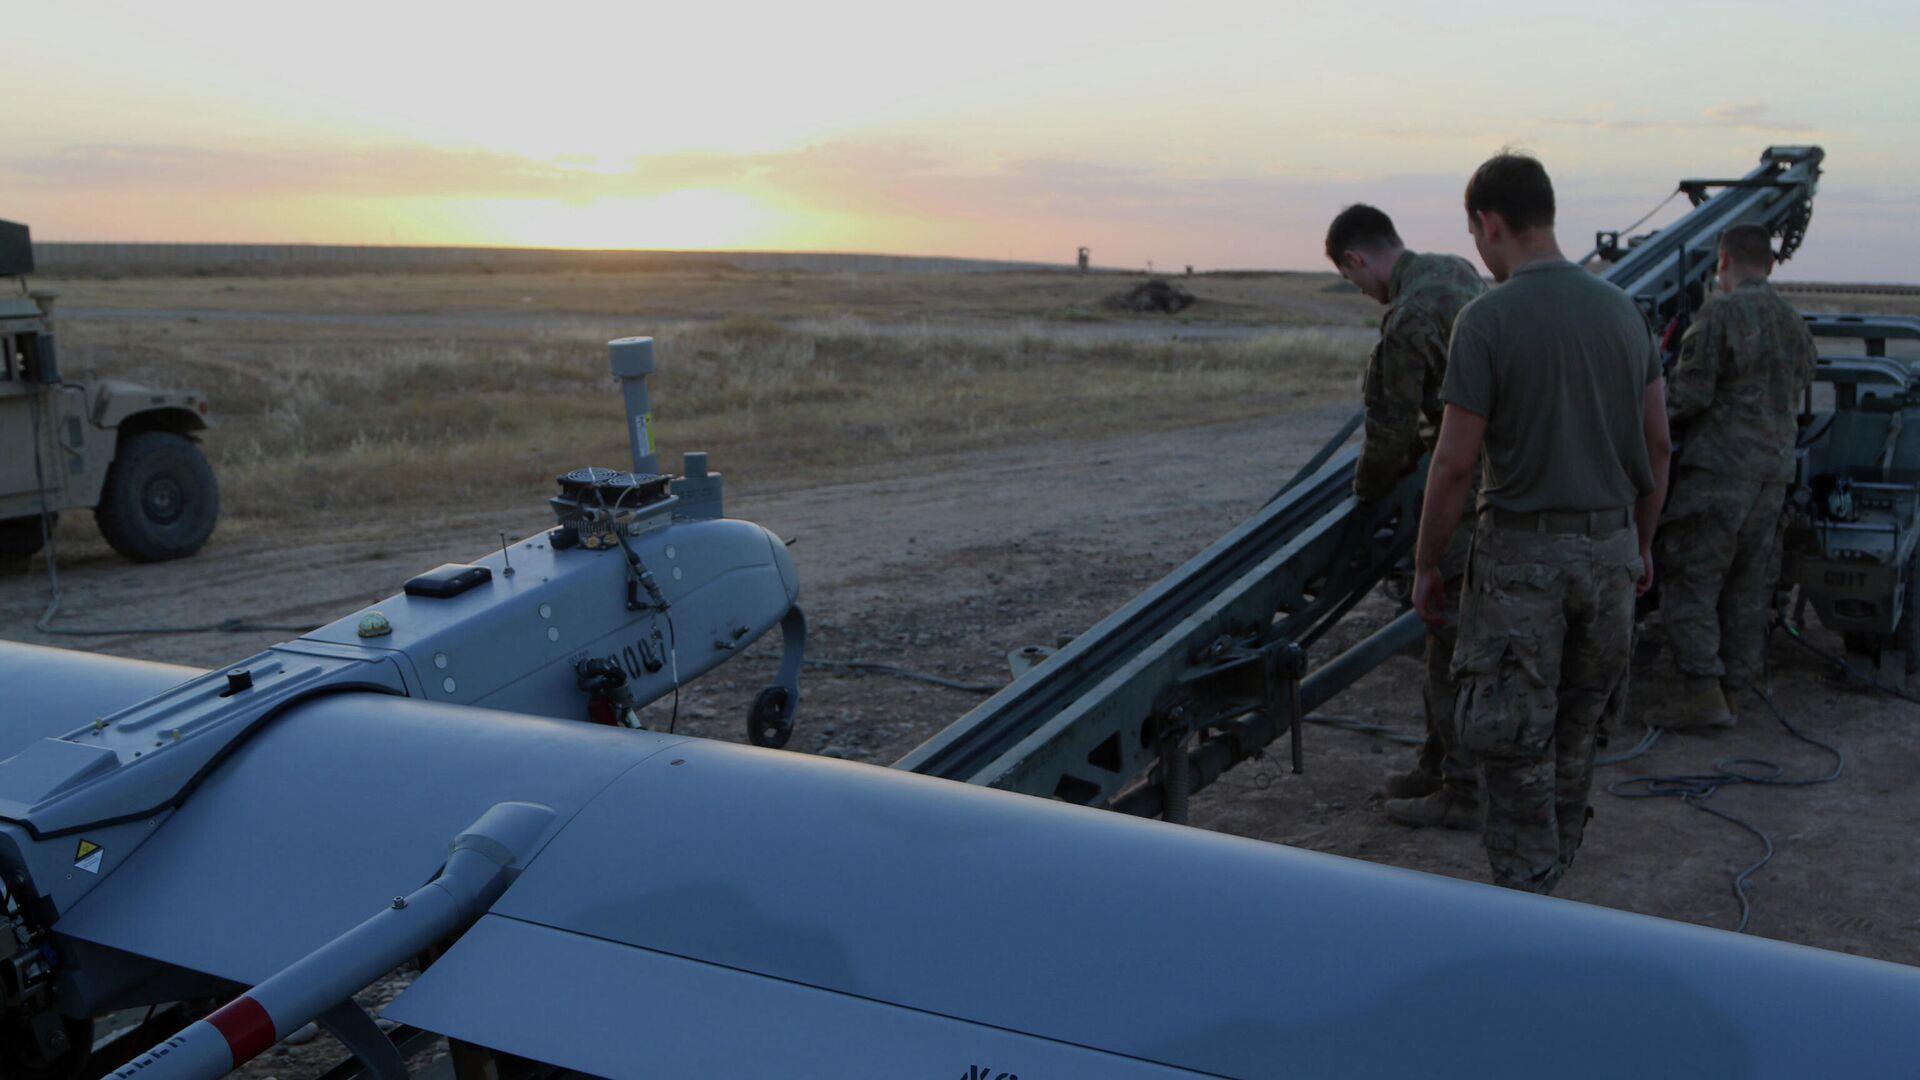 Американские военные запускают беспилотный летательный аппарат на западе Ирака - РИА Новости, 1920, 26.07.2021